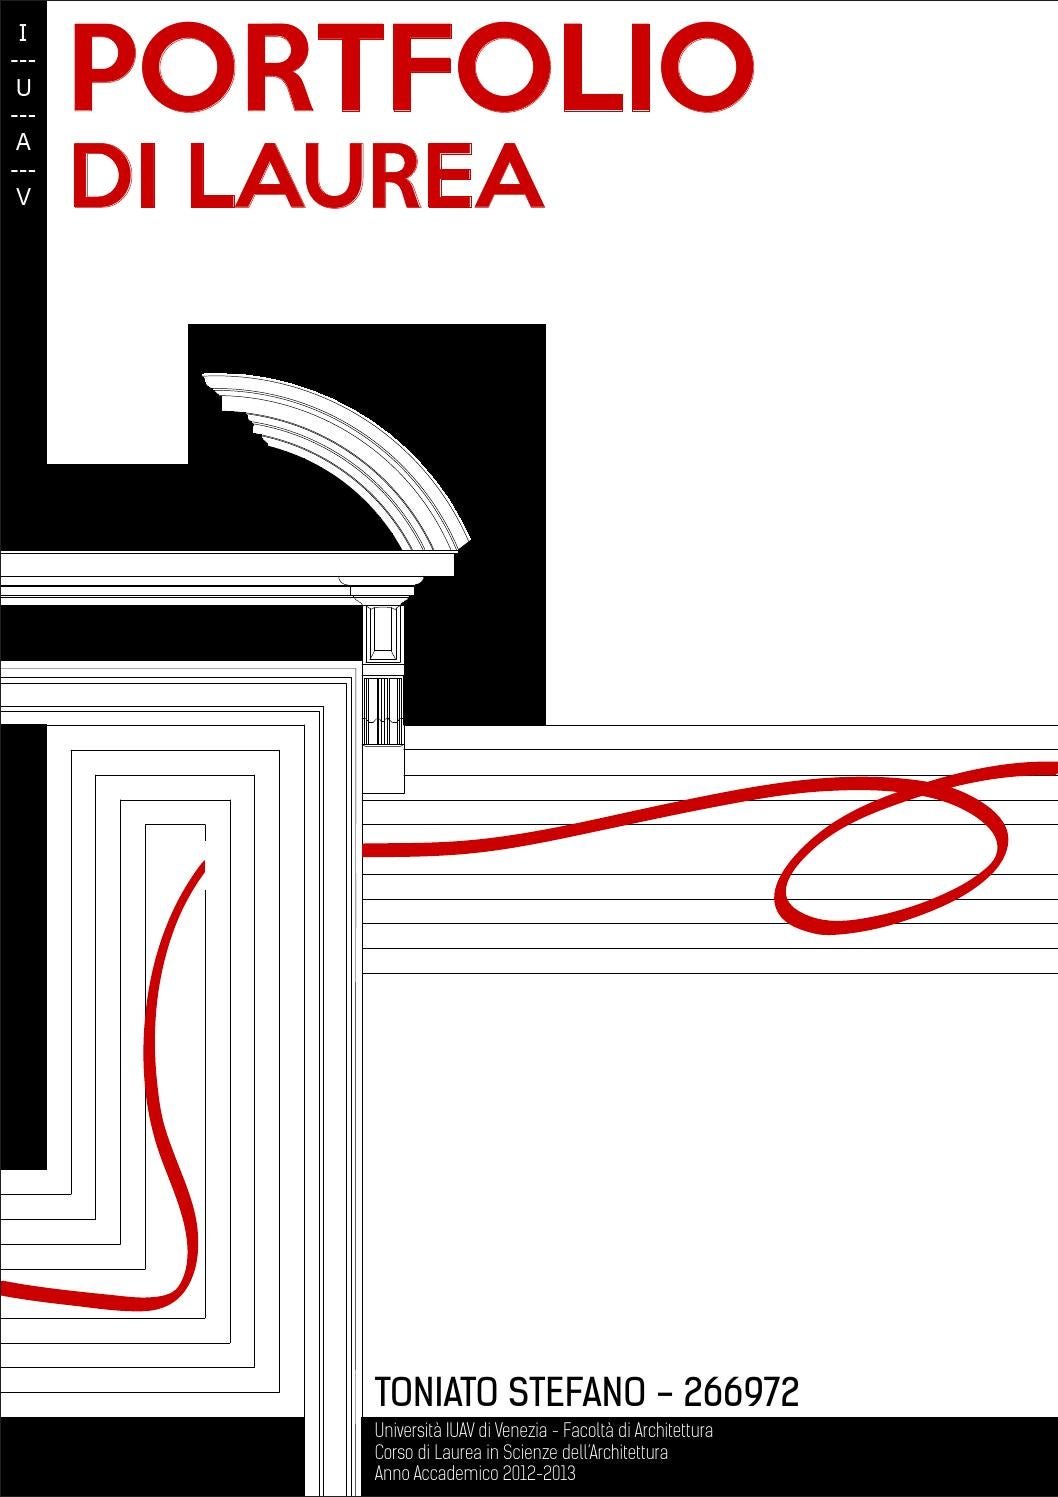 Portfolio di laurea iuav di stefano toniato by stefano for Programmi 3d architettura